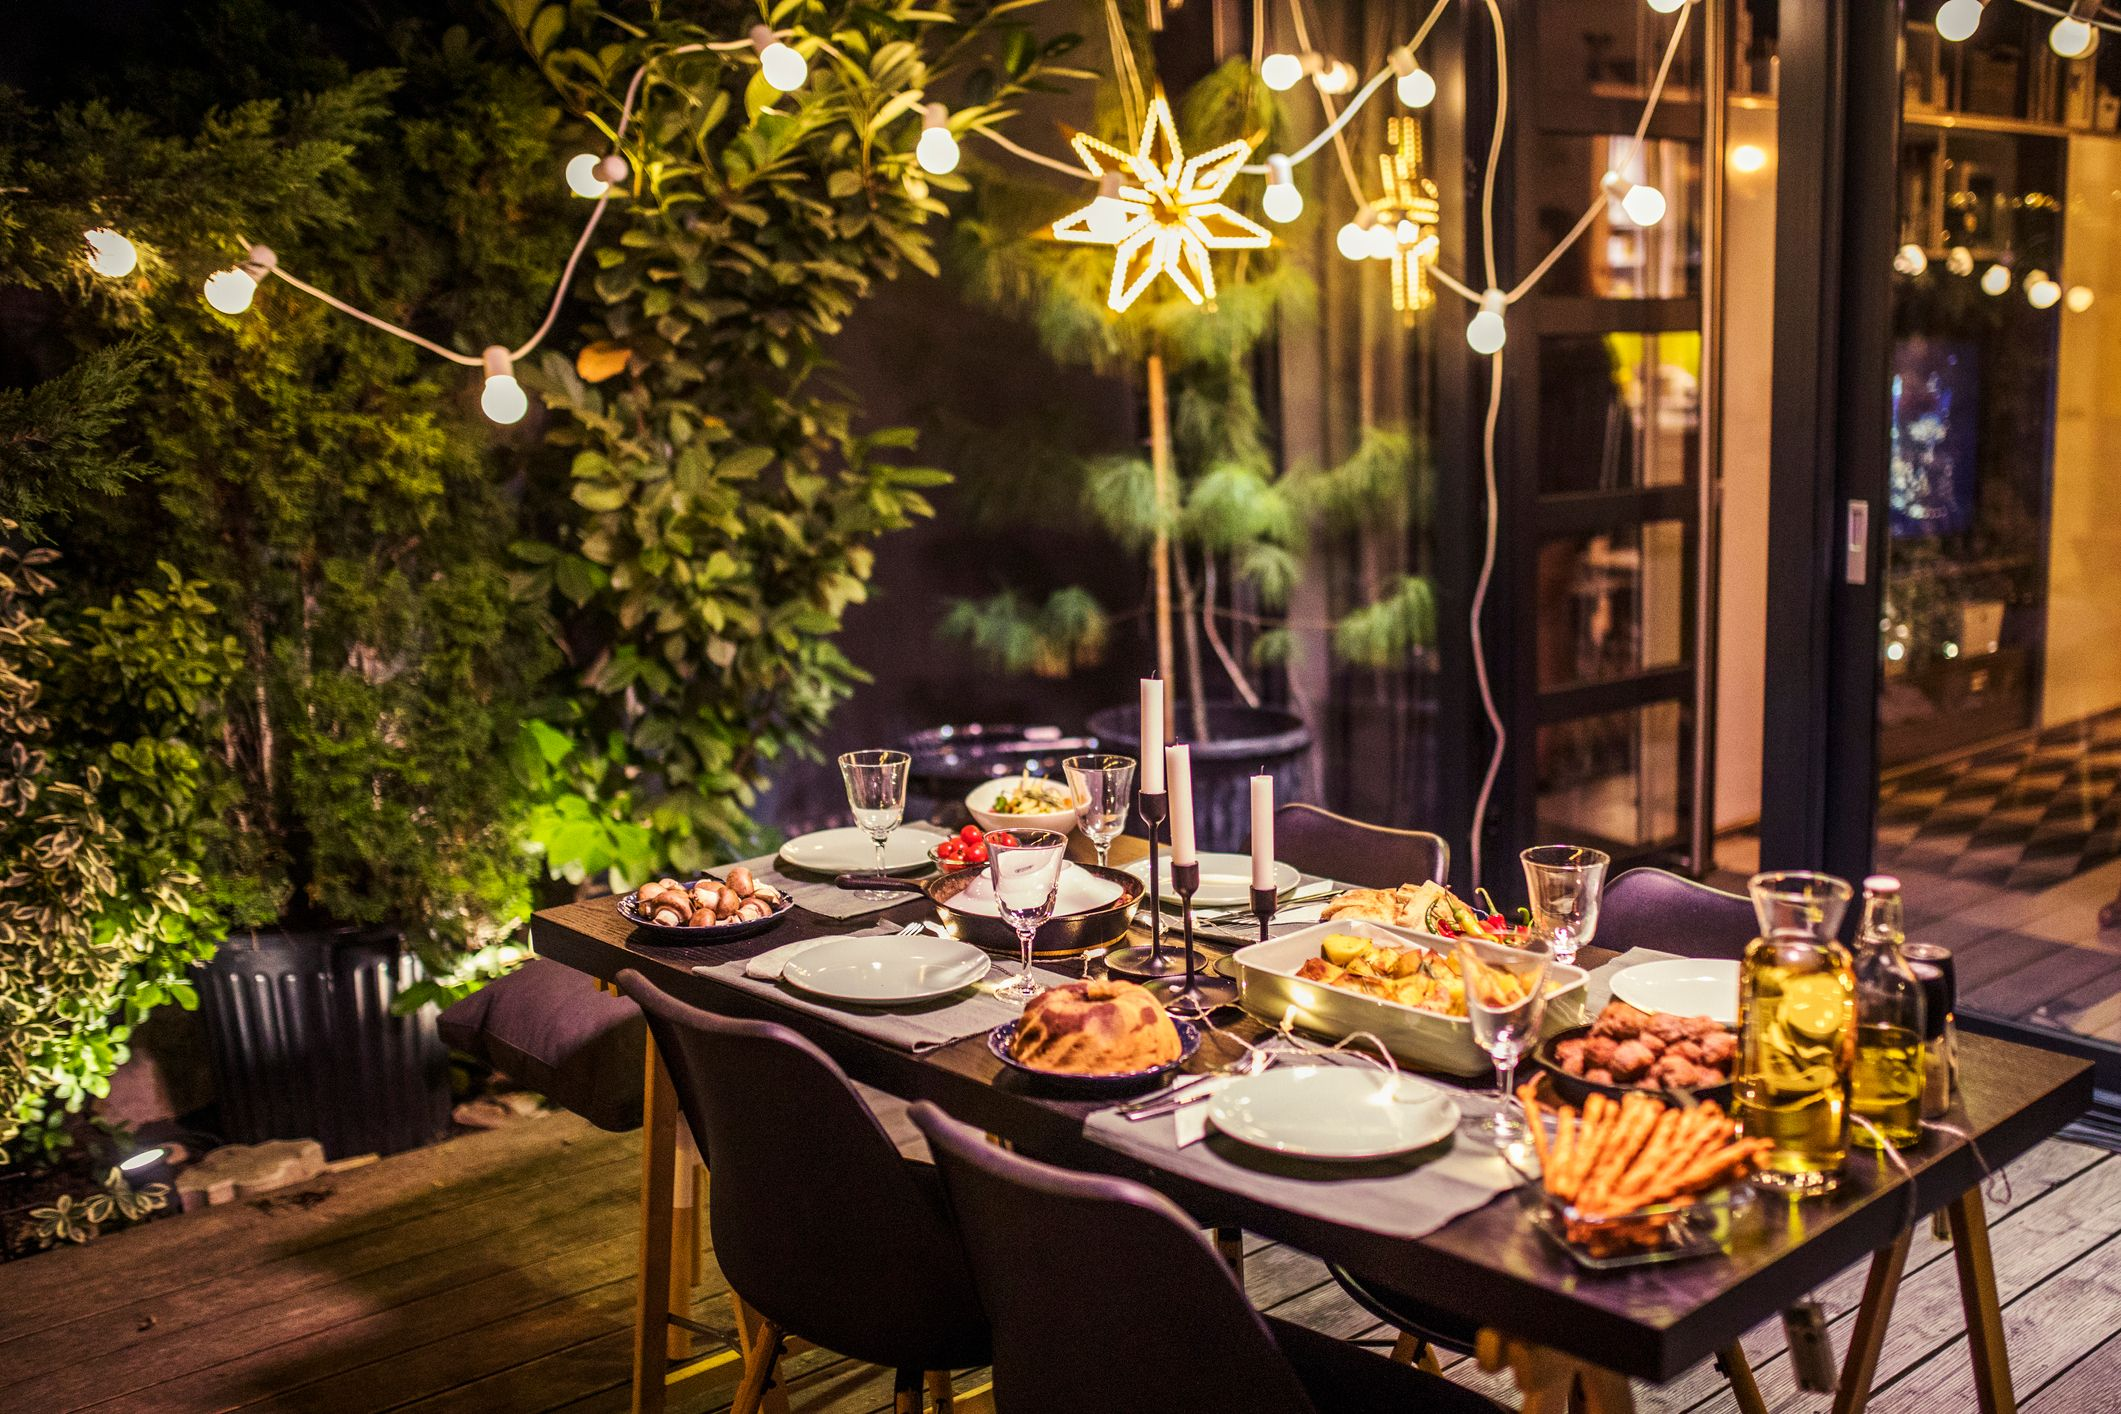 Dekket bord med mat på terrassen